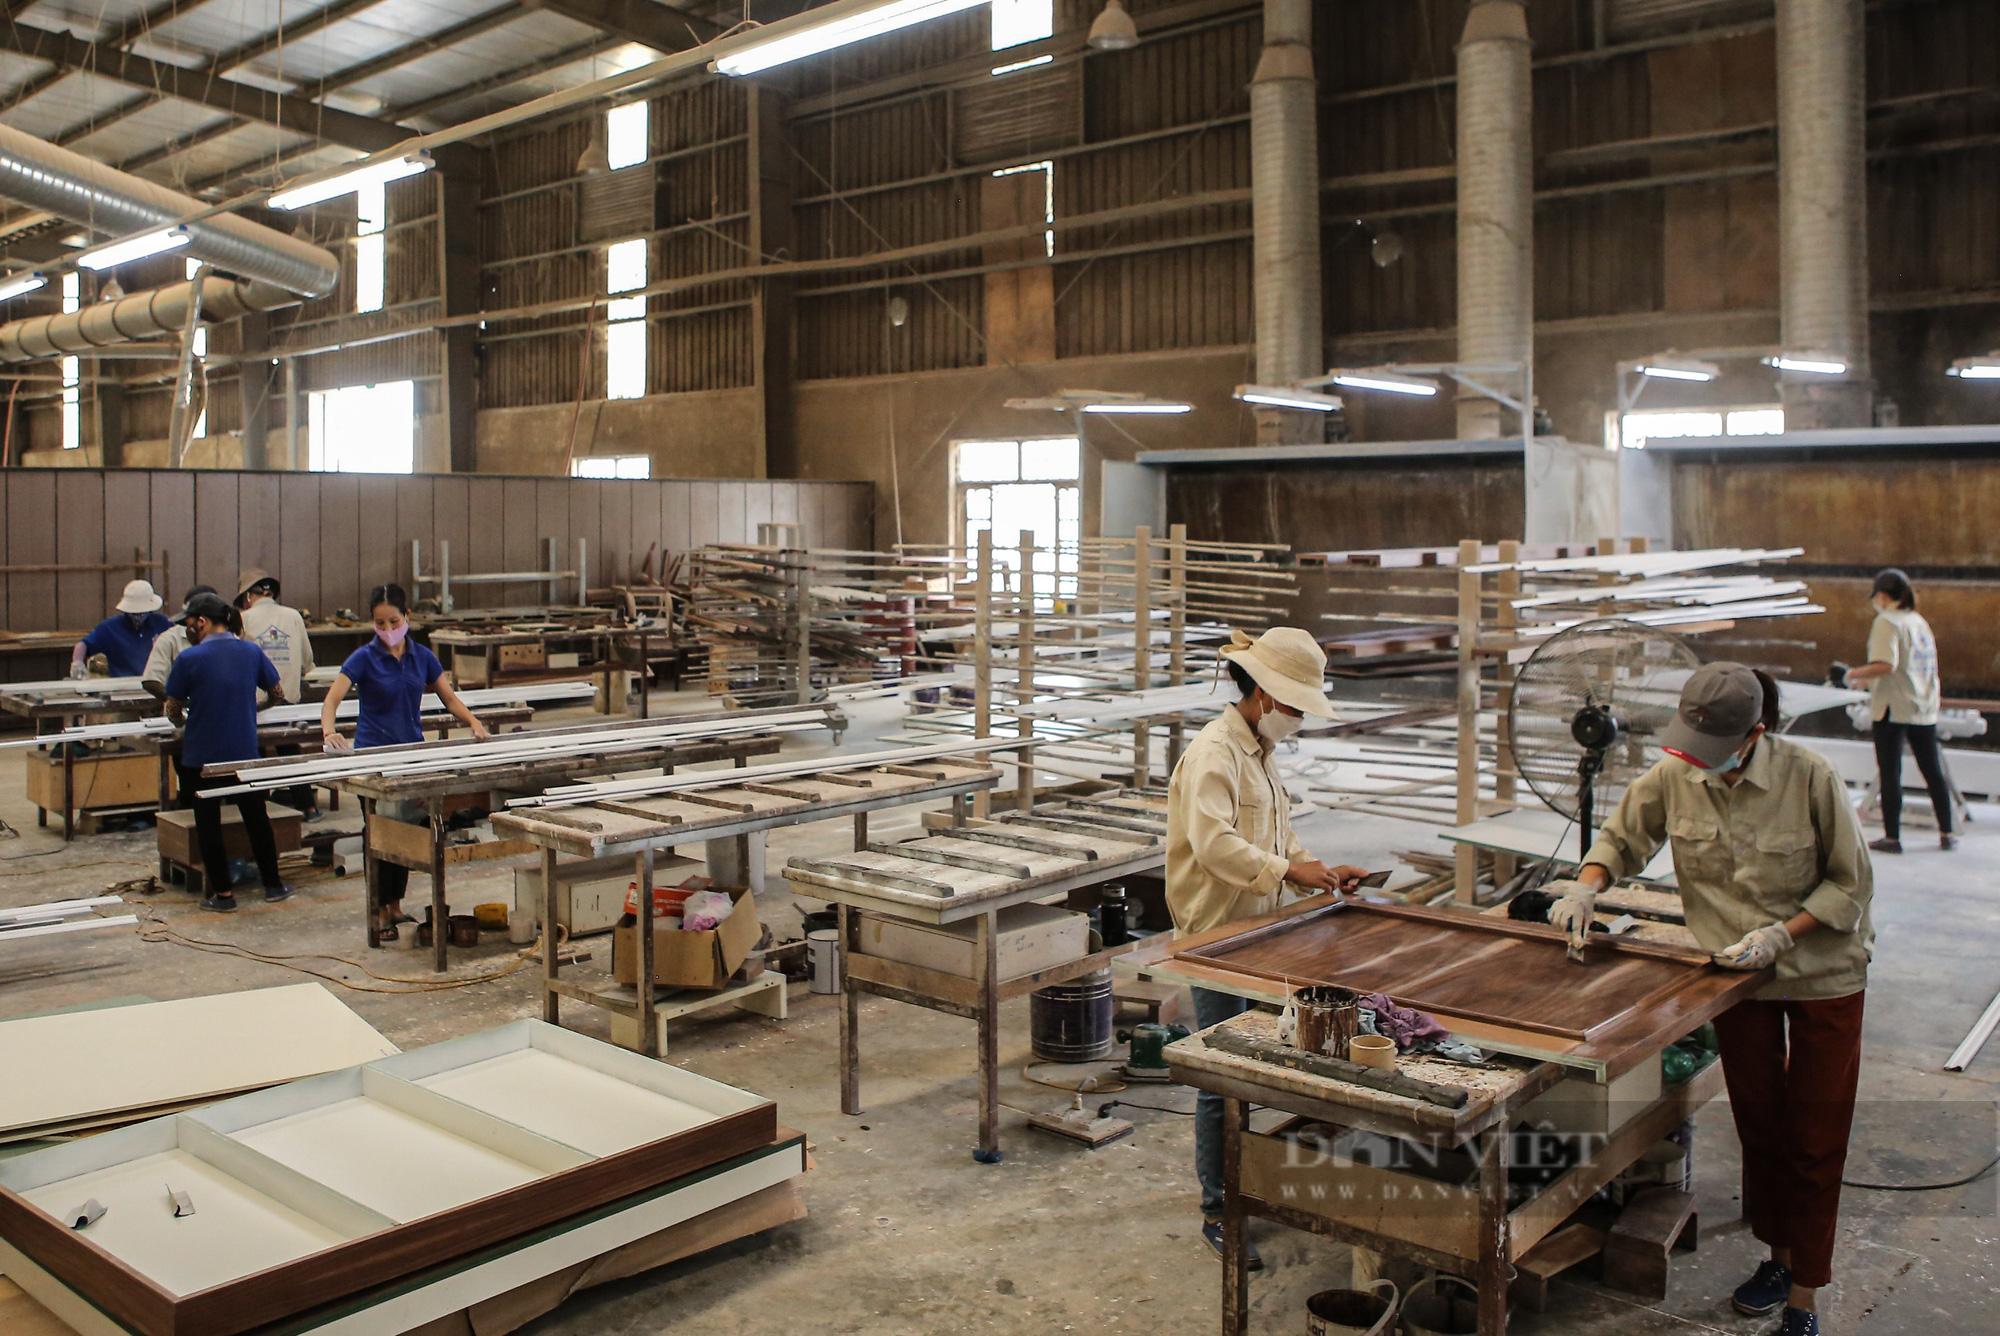 Hà Nội: Hàng loạt nhà máy hoạt động trở lại, công nhân vui mừng khôn xiết